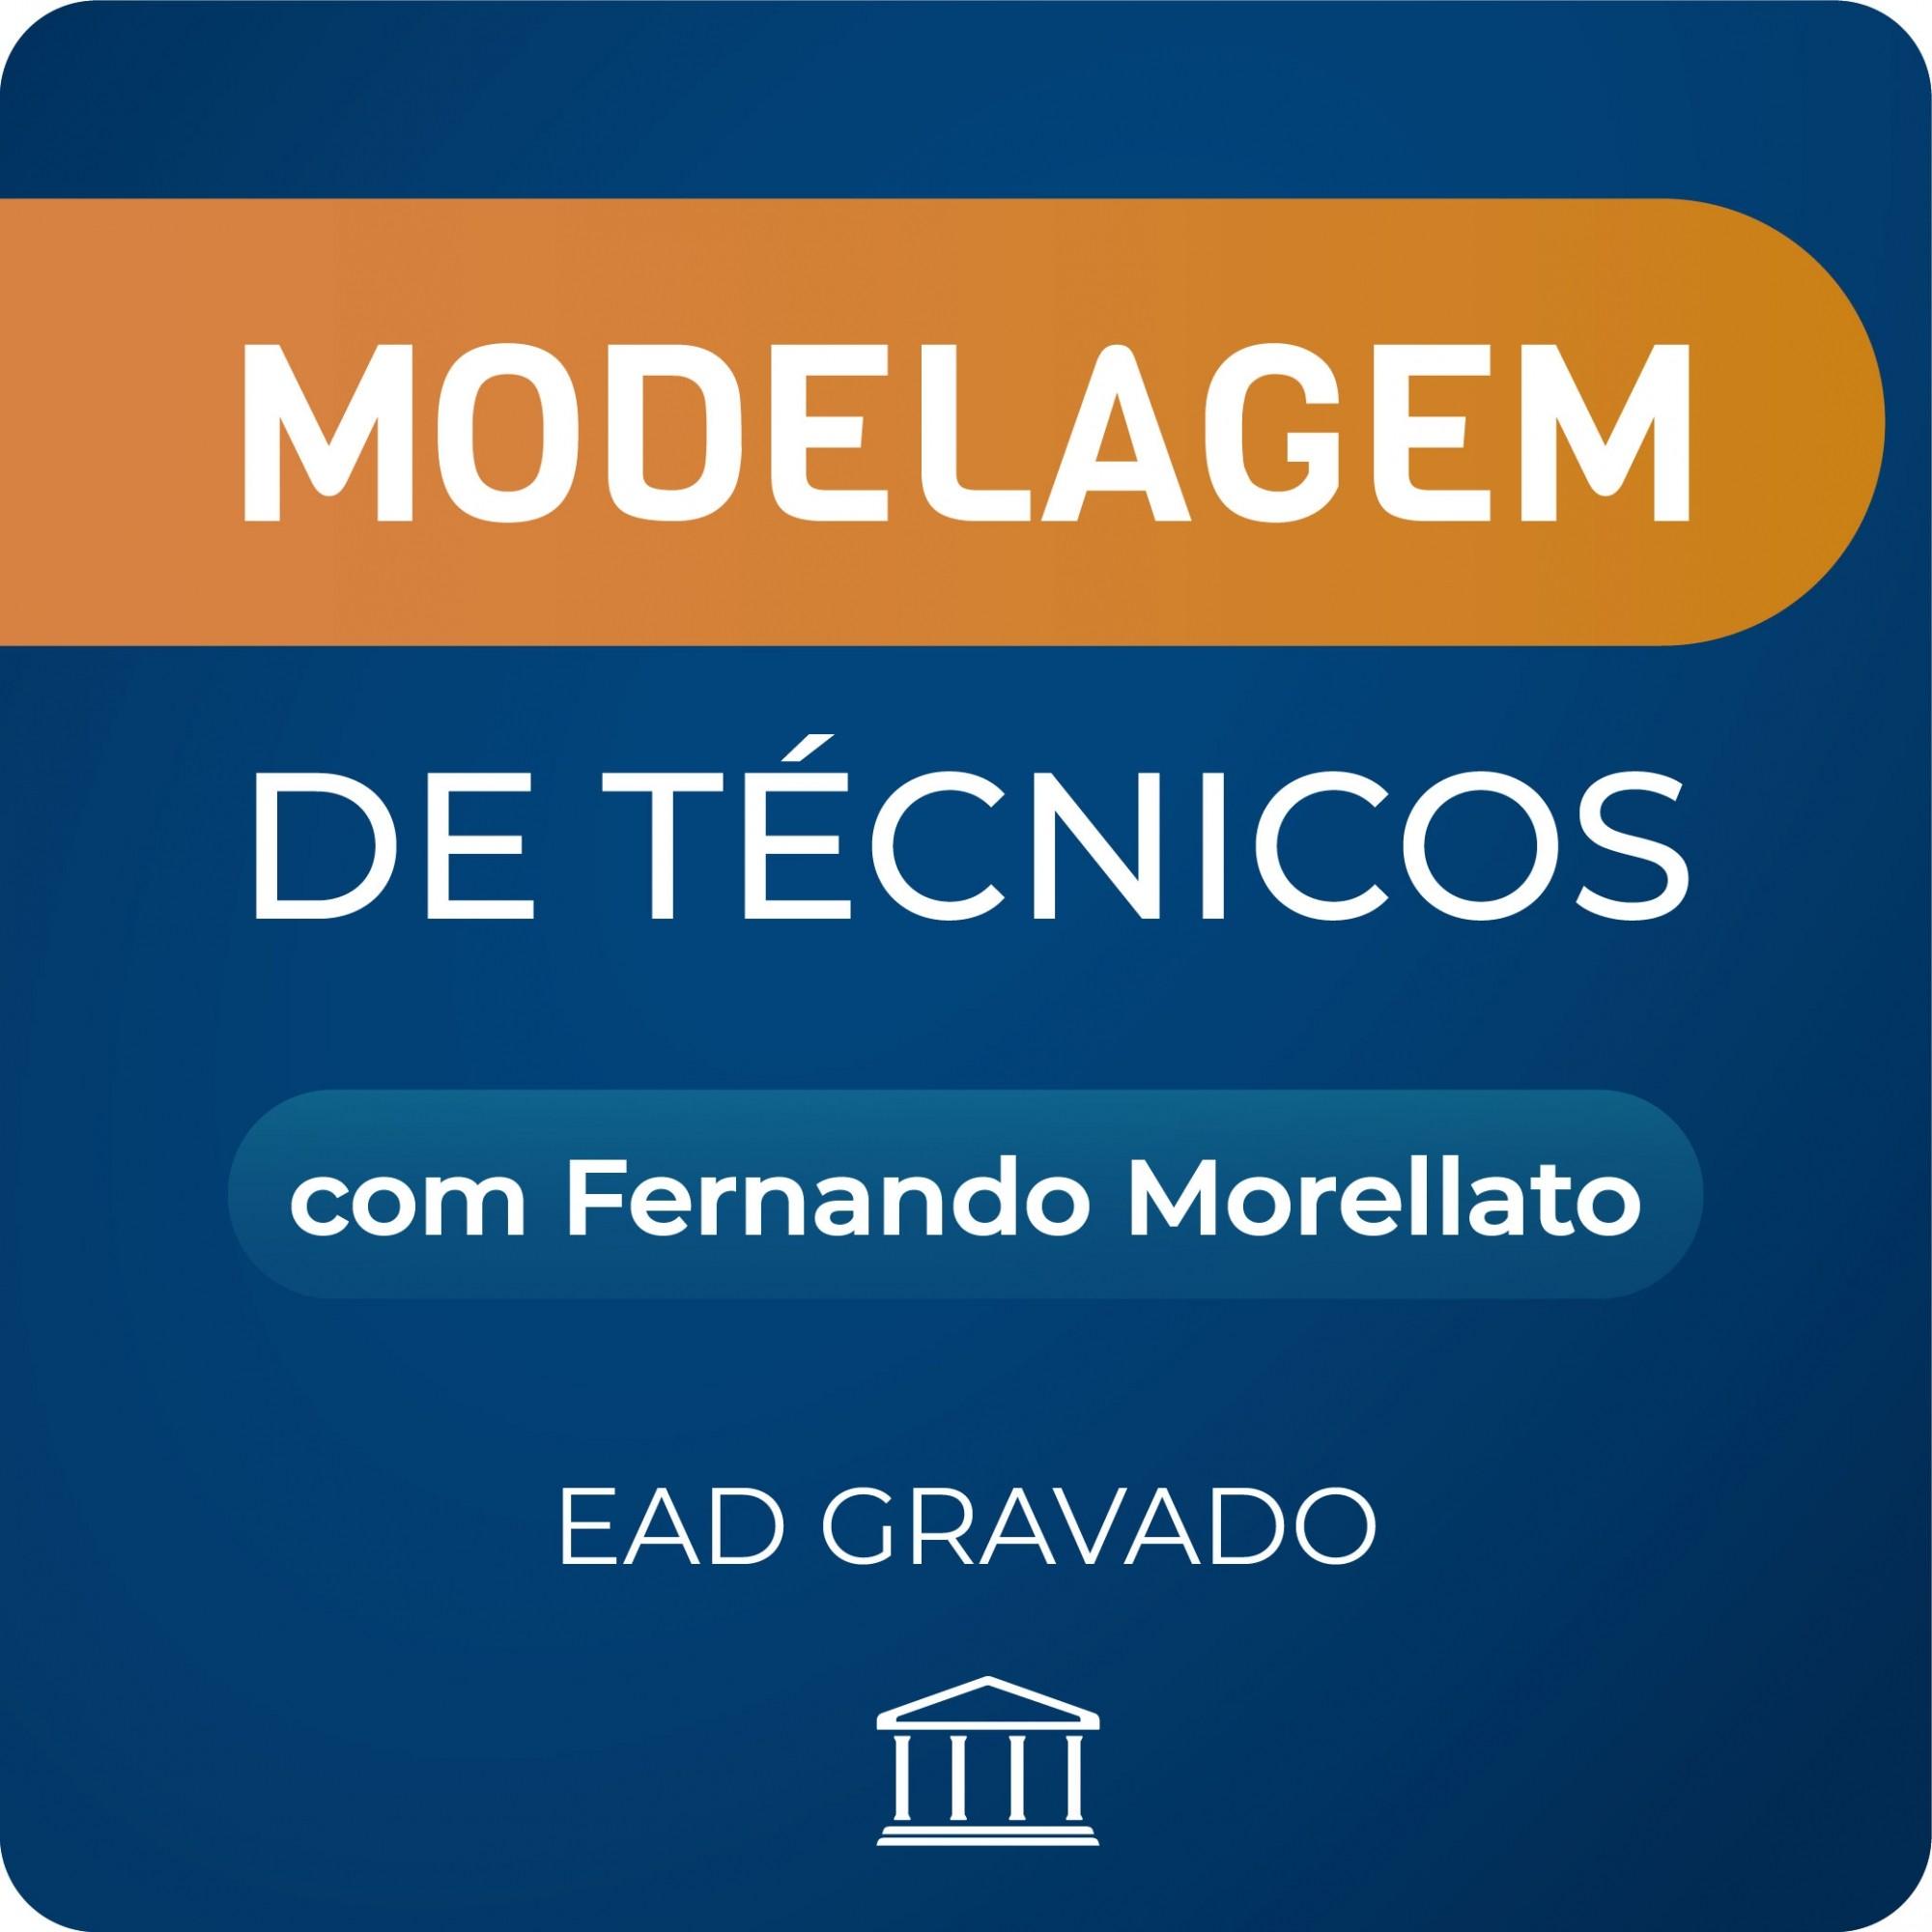 Modelagem de Técnicos de Telecom com Fernando Morellato- GRAVADO  - Voz e Dados